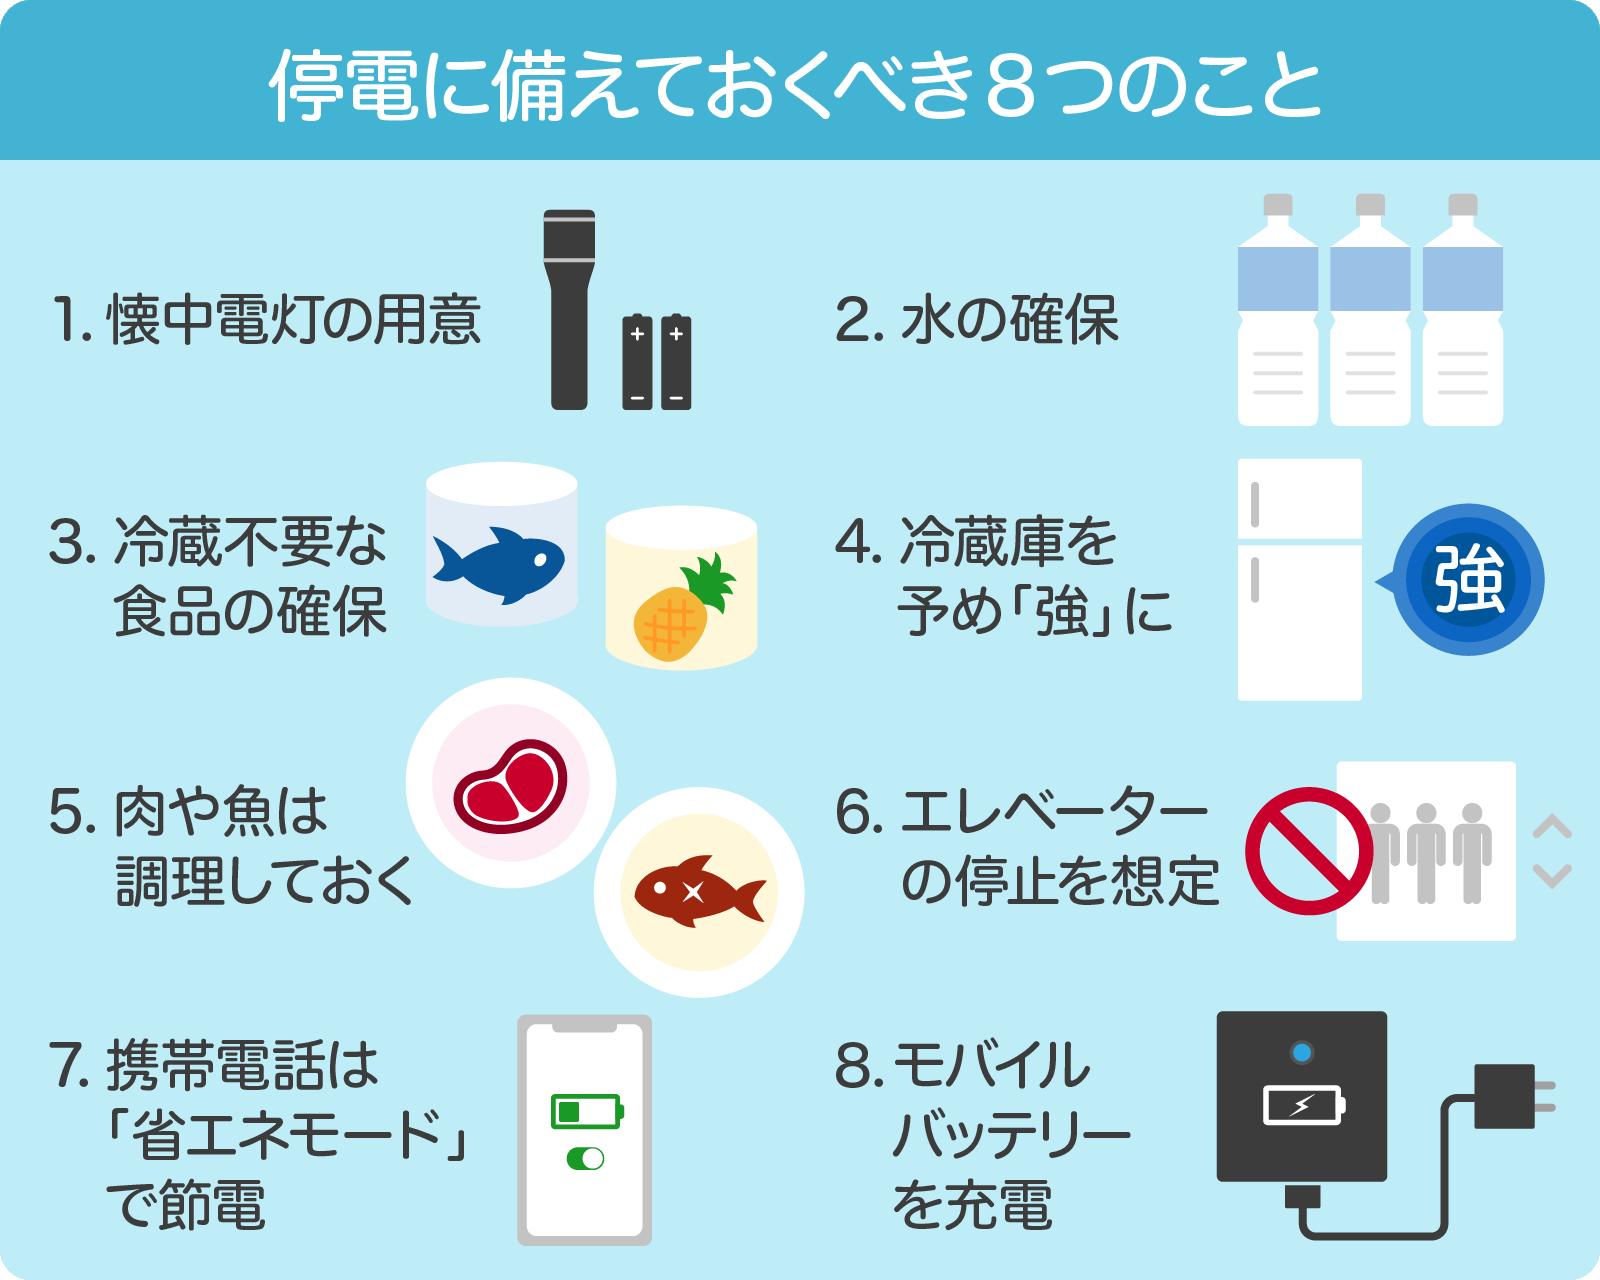 停電に備えておくべき8つのこと 1.懐中電灯の用意 2.水の確保 3.冷蔵不要な食品の確保 4.冷蔵庫を予め「強」に 5.肉や魚は調理しておく 6.エレベーターの停止を想定 7.携帯は「省エネモード」で節約 8.モバイルバッテリーを充電